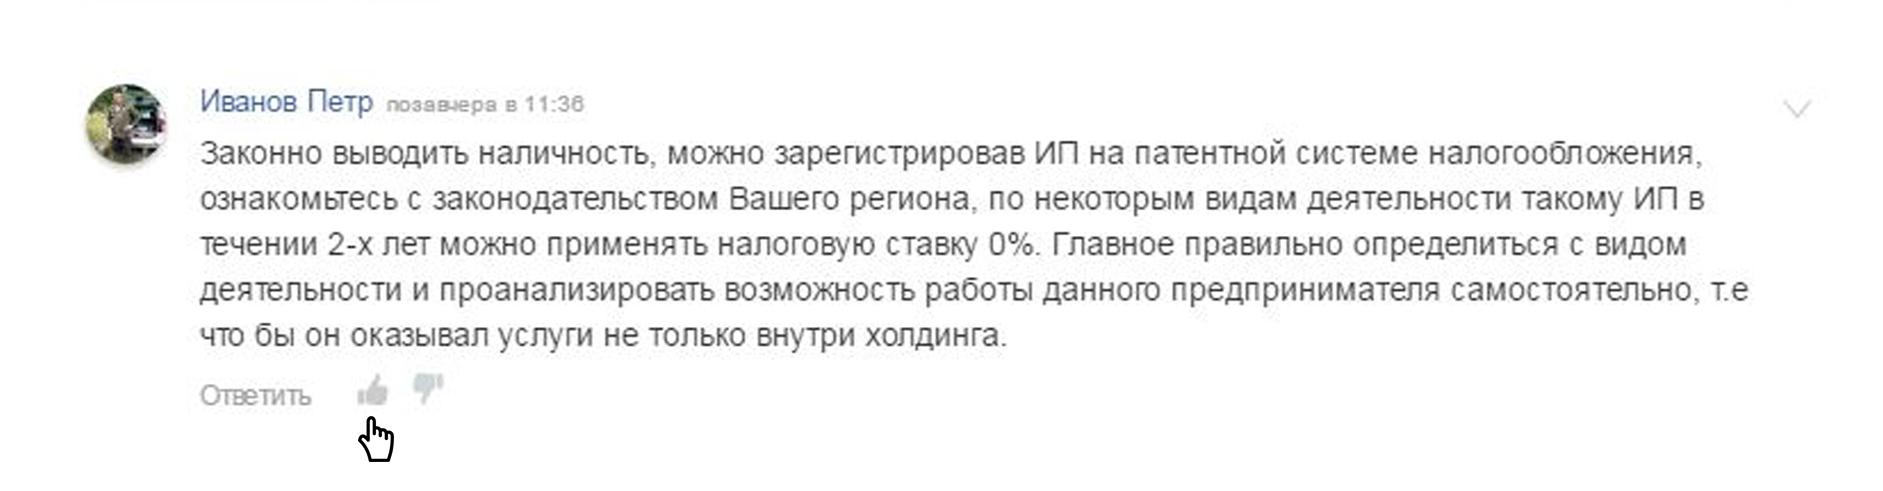 Прямая линия с Владимиром Туровым: ответы на ваши вопросы